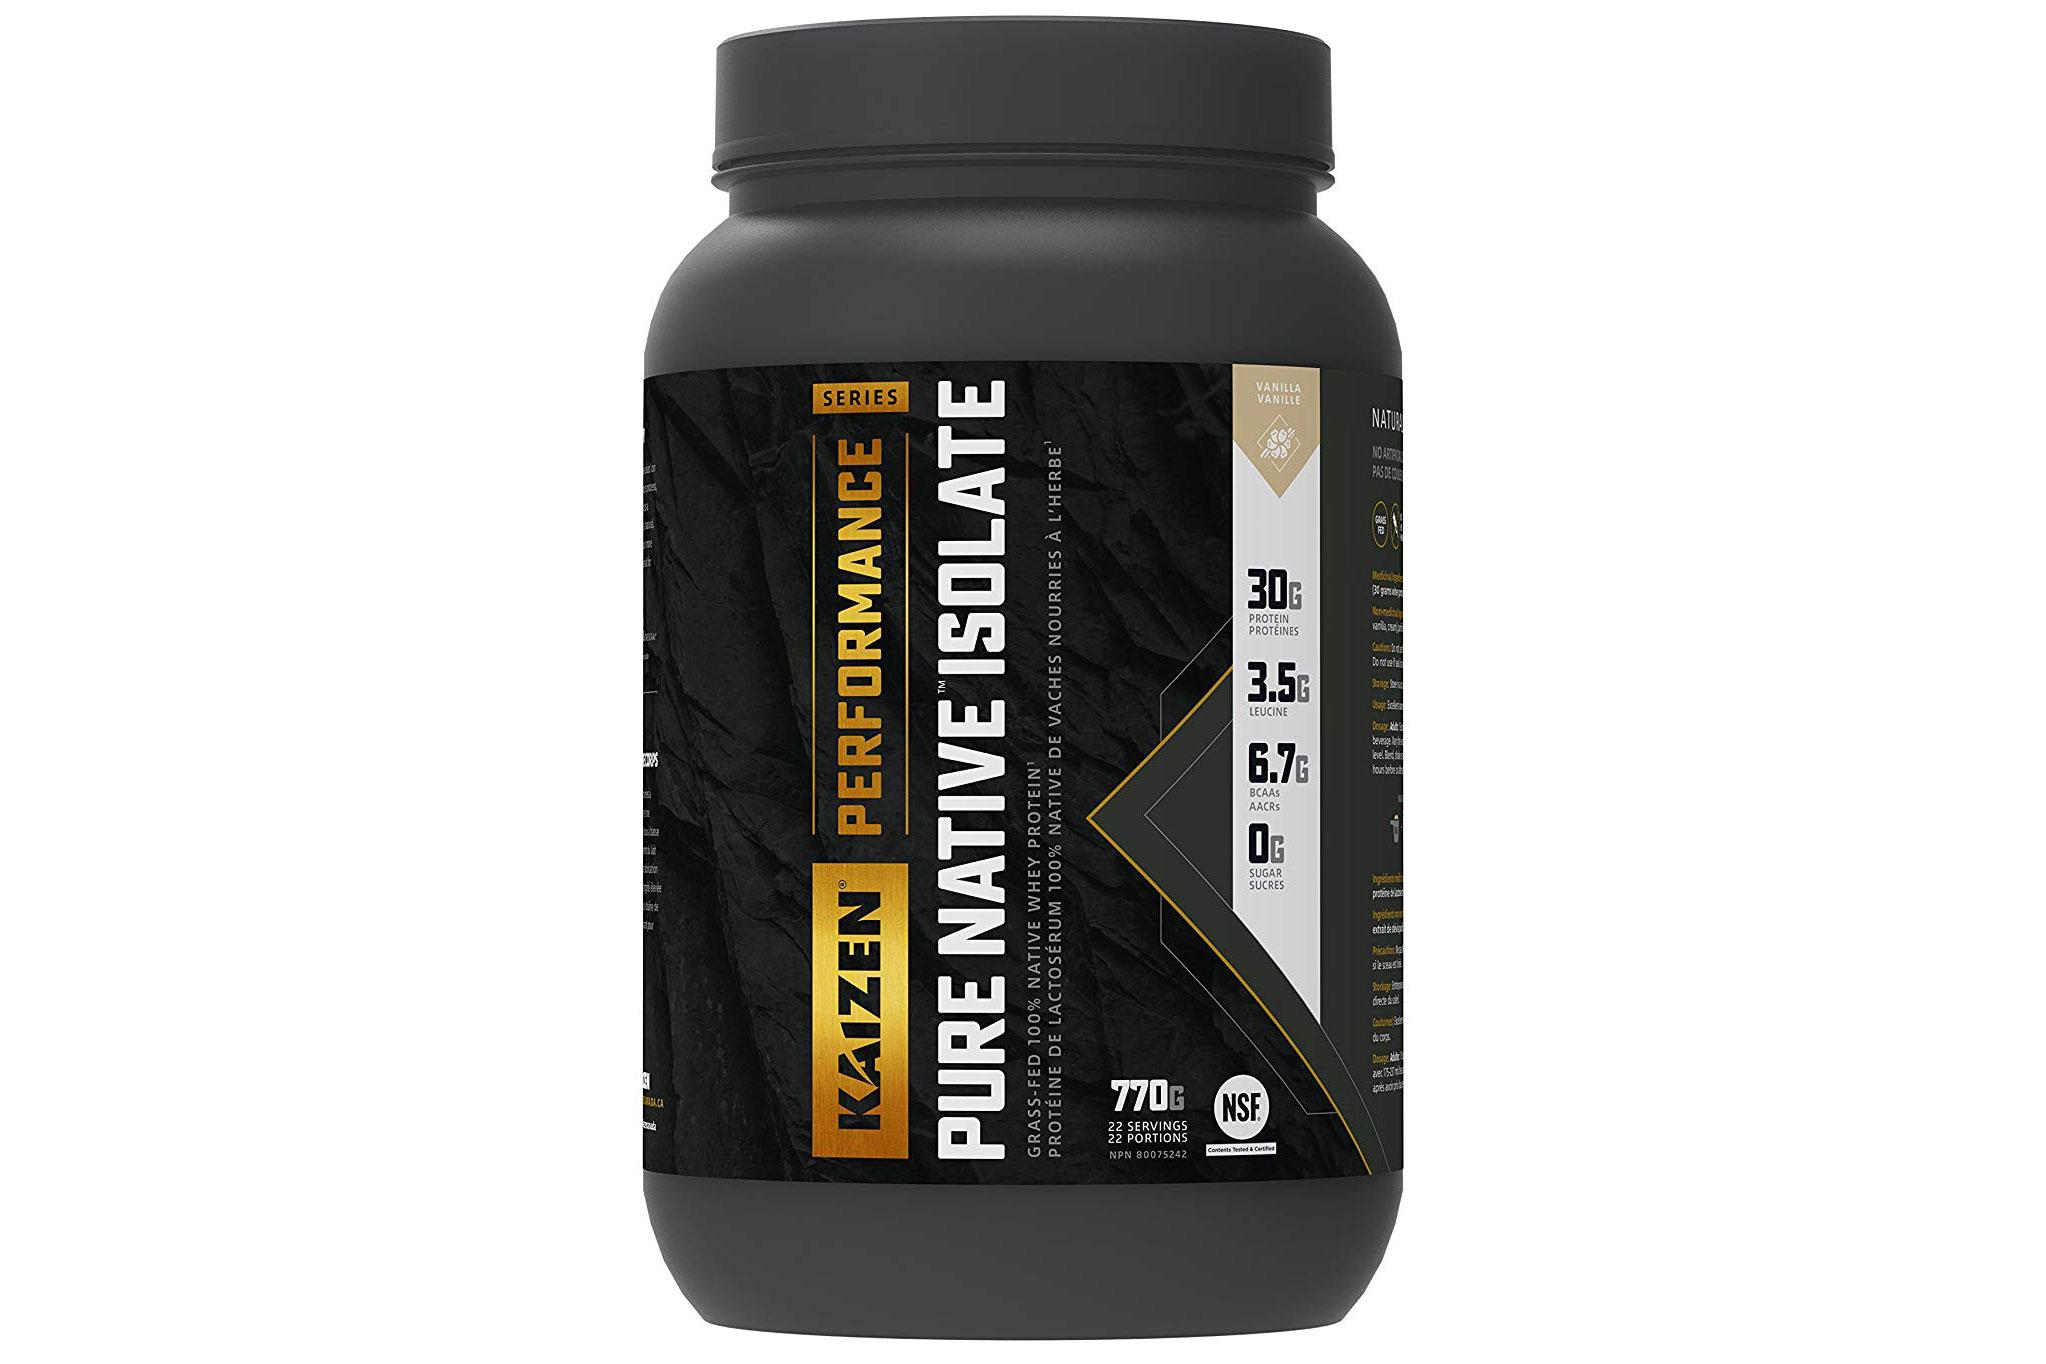 Kaizen protein